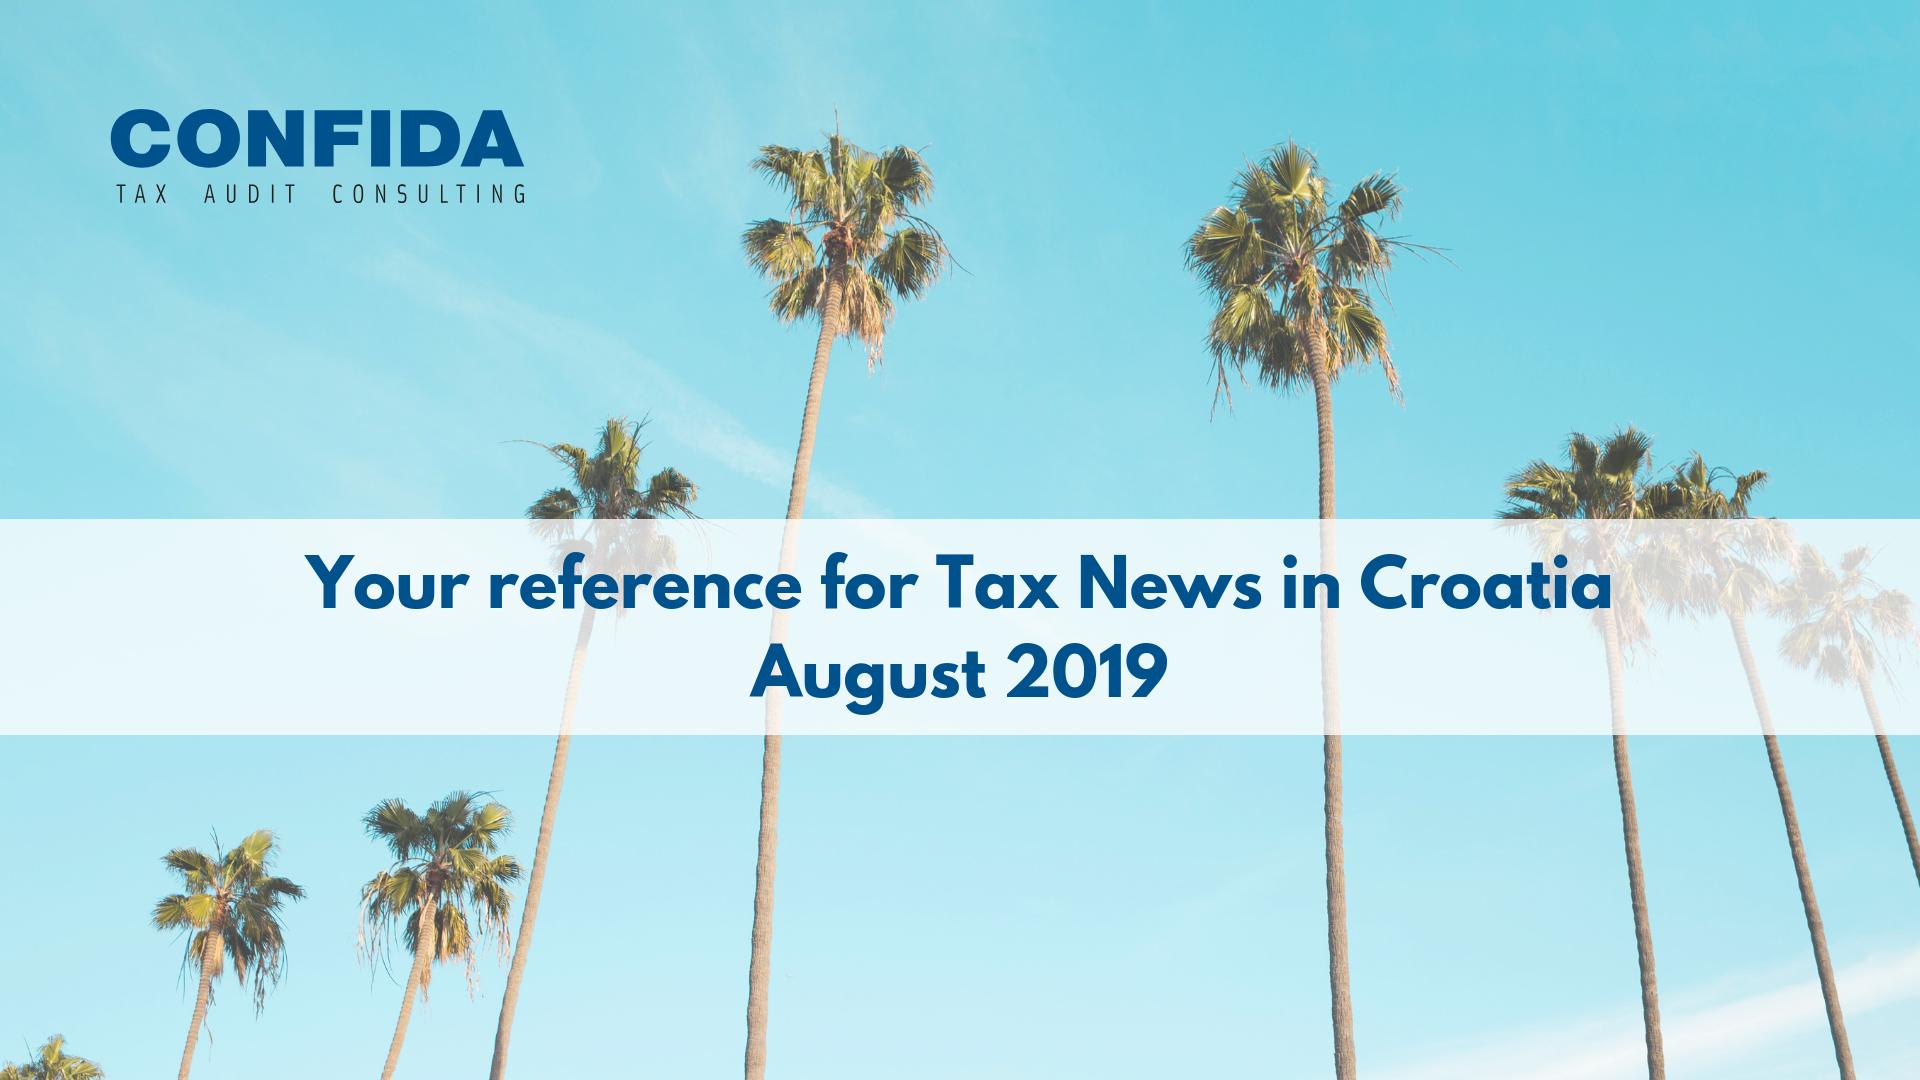 Kolovoz 2019: Vaš referent za porezne novosti u Hrvatskoj